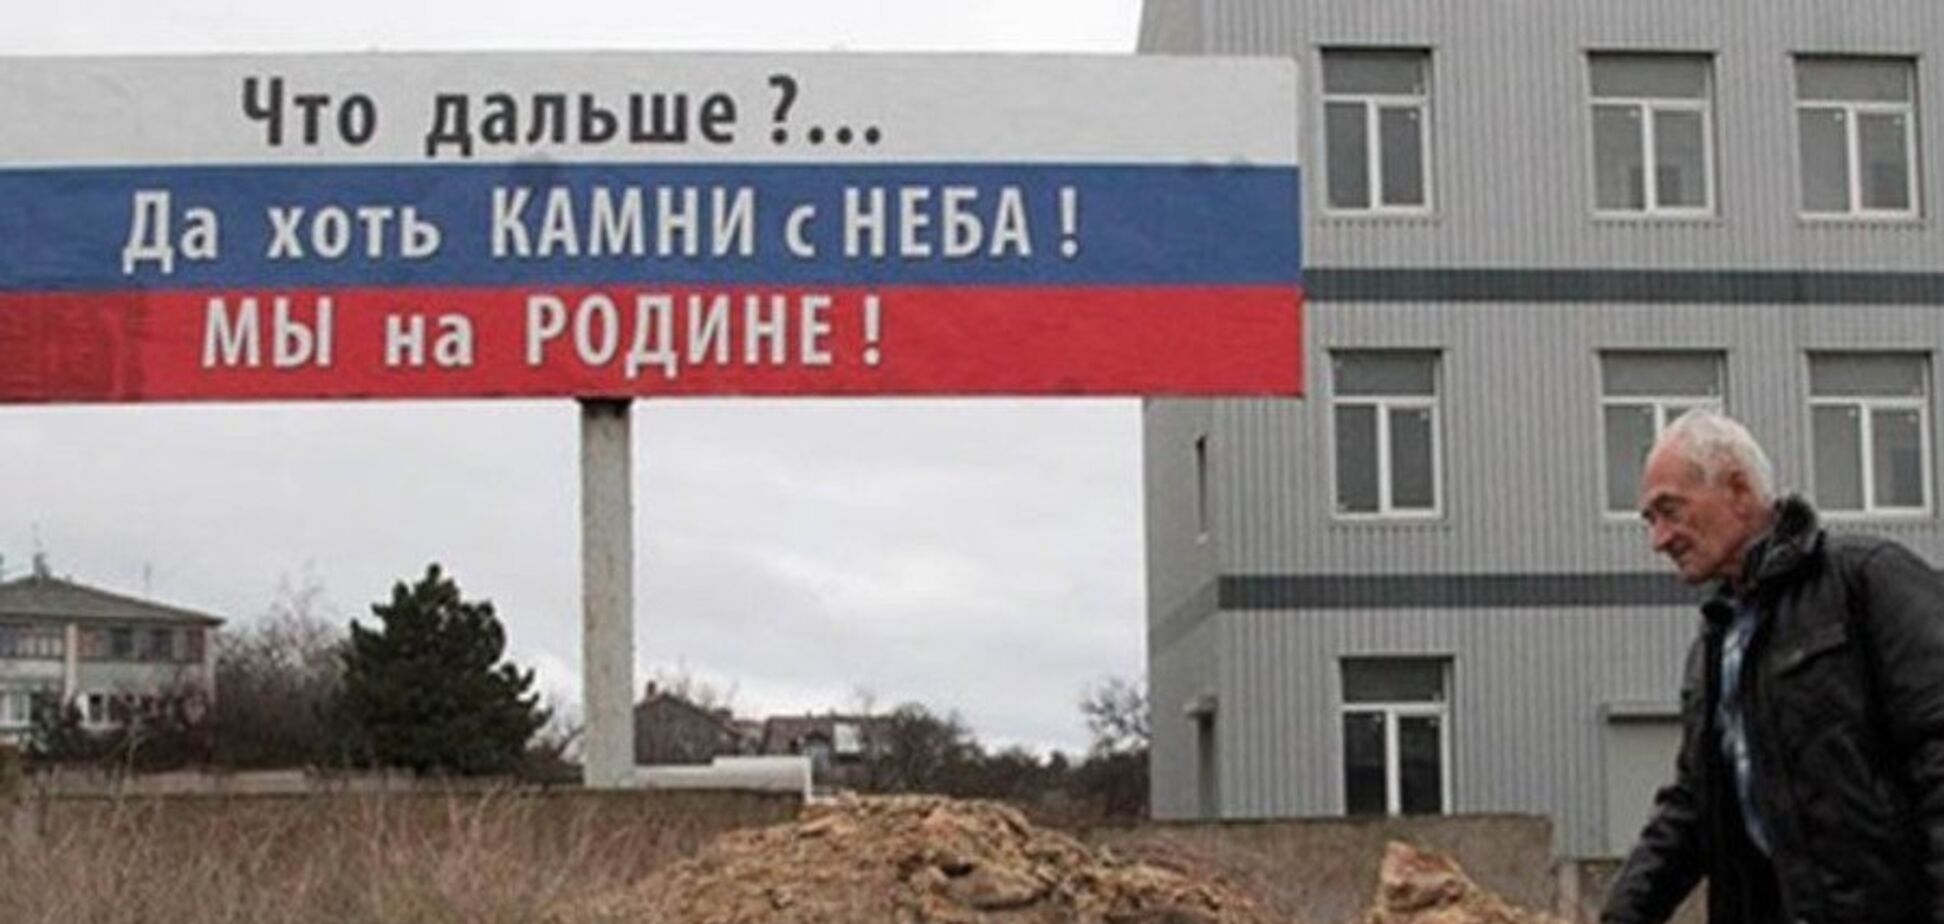 Оккупанты замещают население Крыма россиянами: озвучены шокирующие цифры